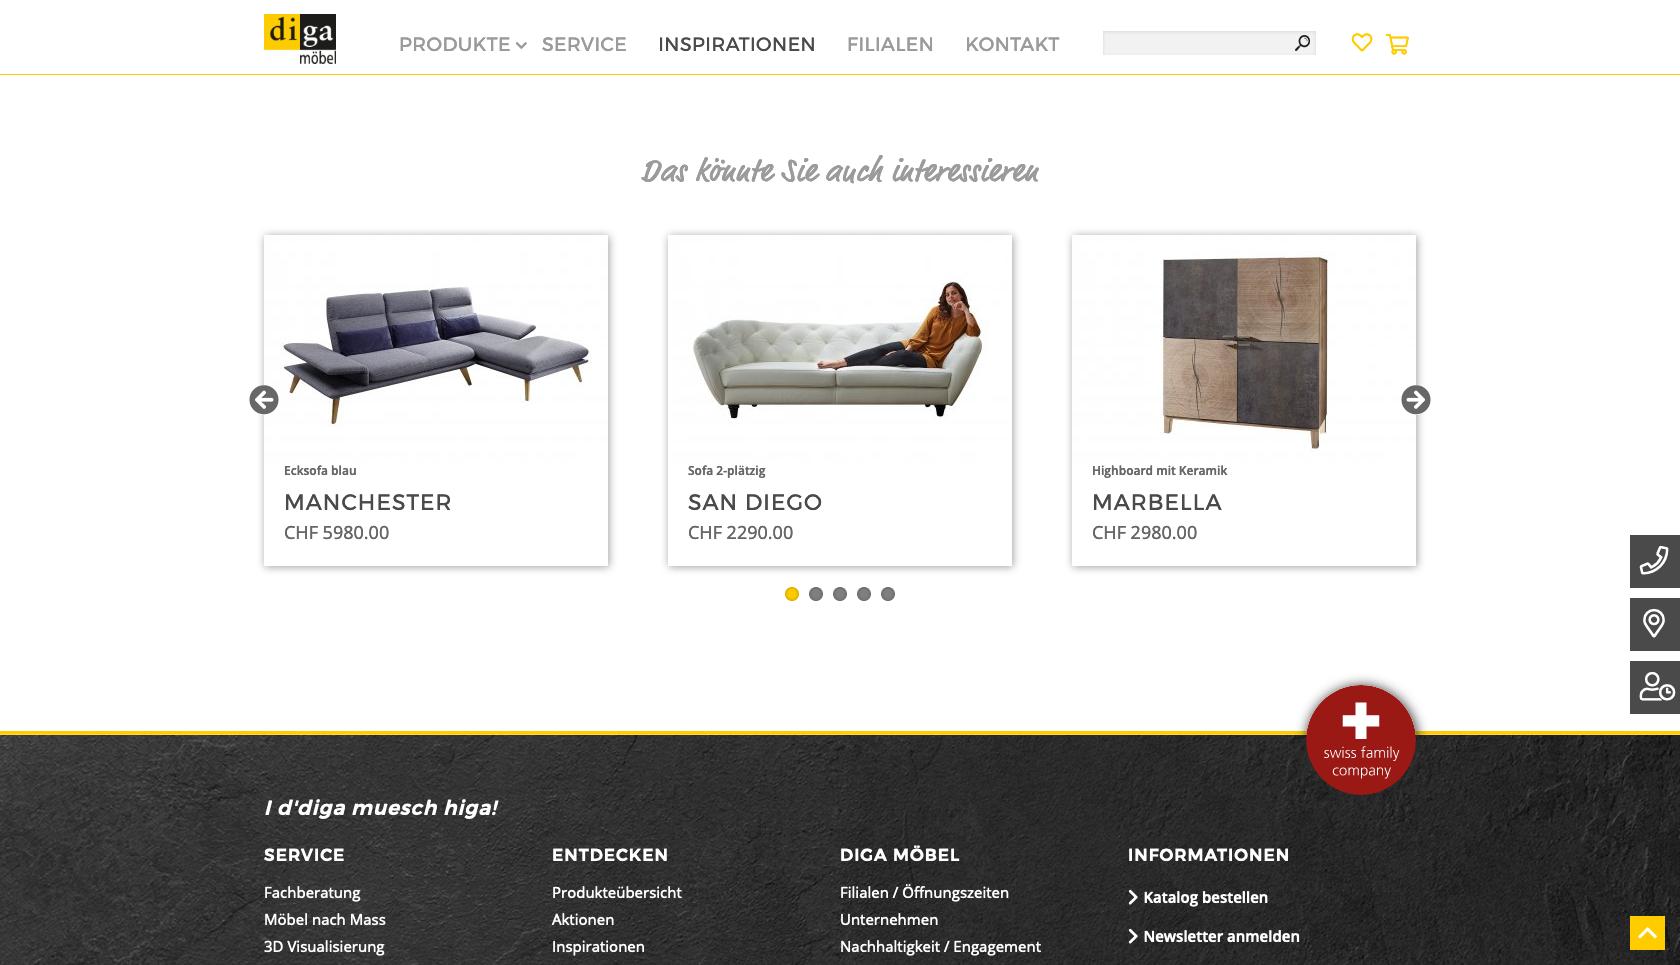 Bildschirmfoto der Website diga.ch mit Carousel